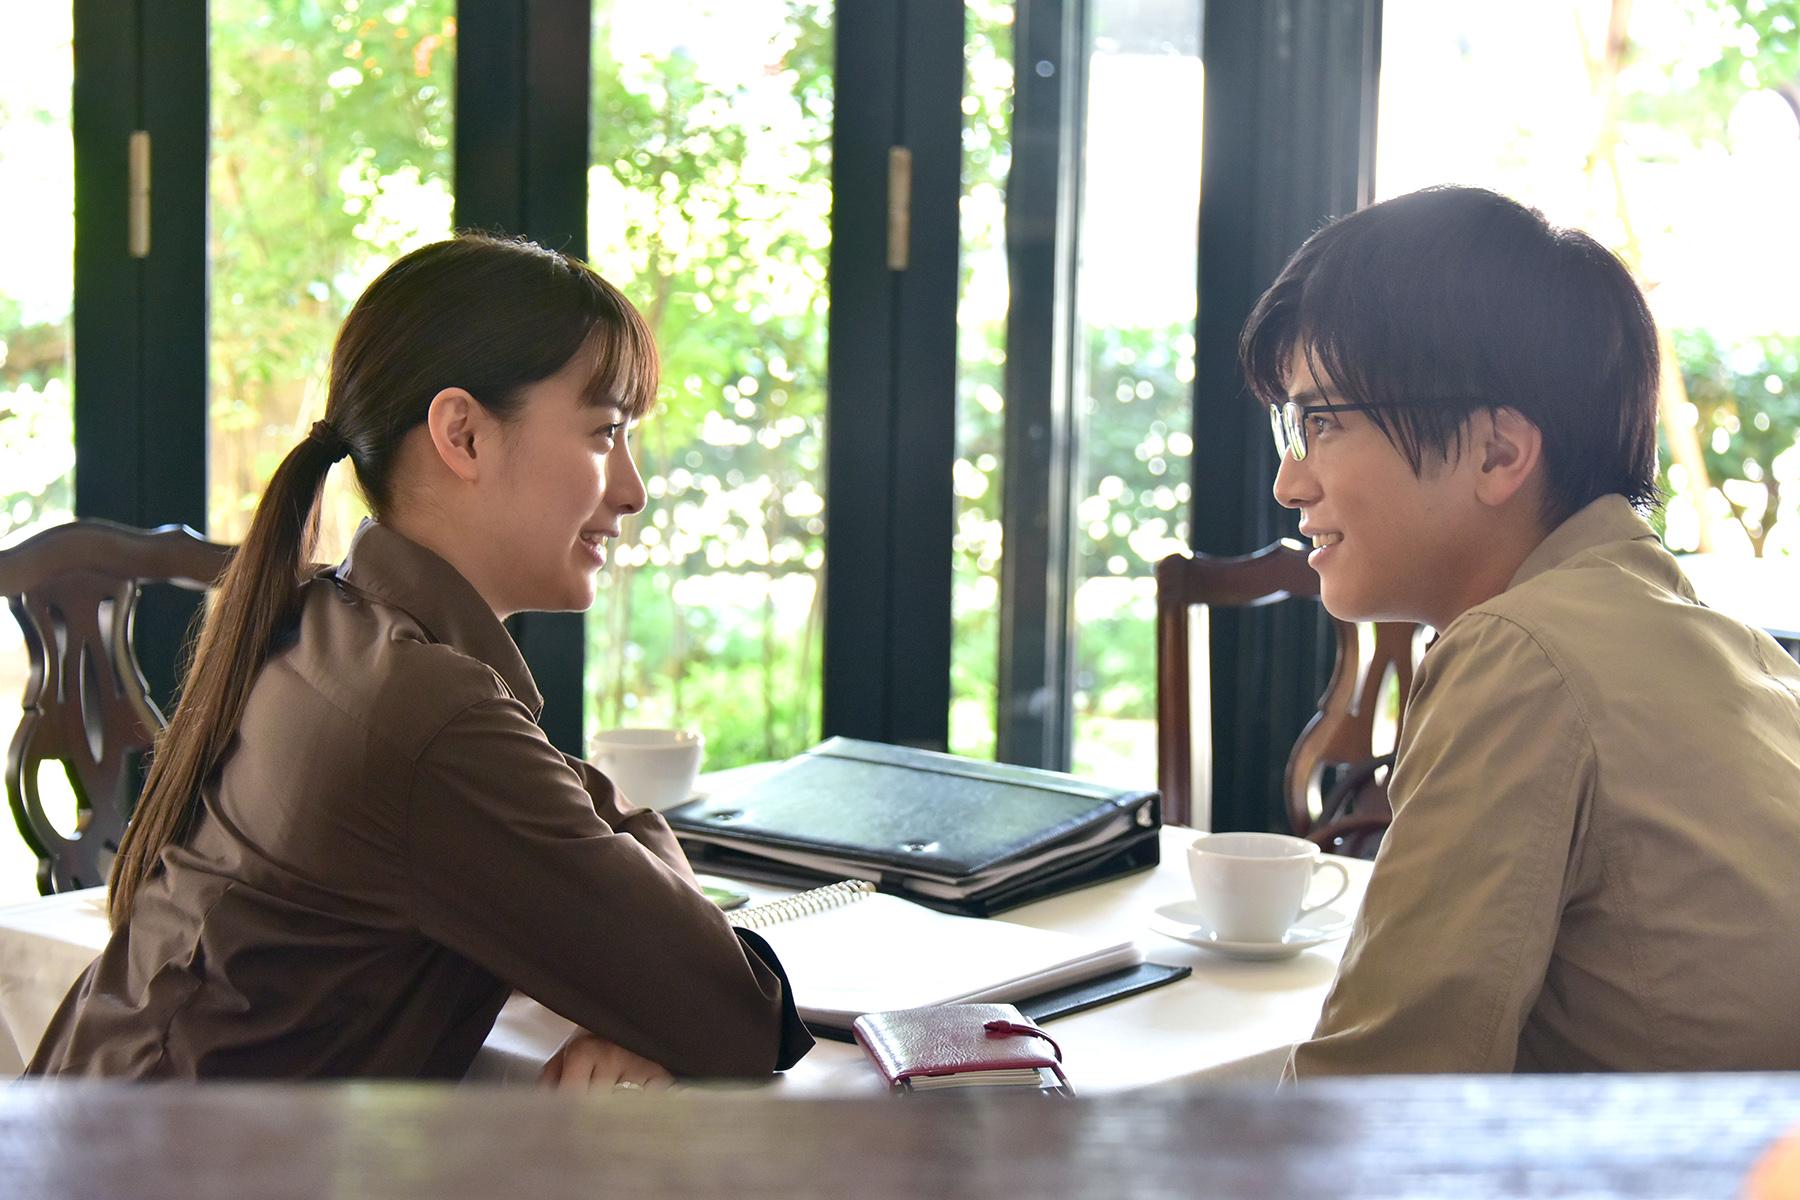 岩田剛典、単独初主演映画『去年の冬、きみと別れ』を語る。共演の斎藤工・北村一輝から受けた刺激とは?